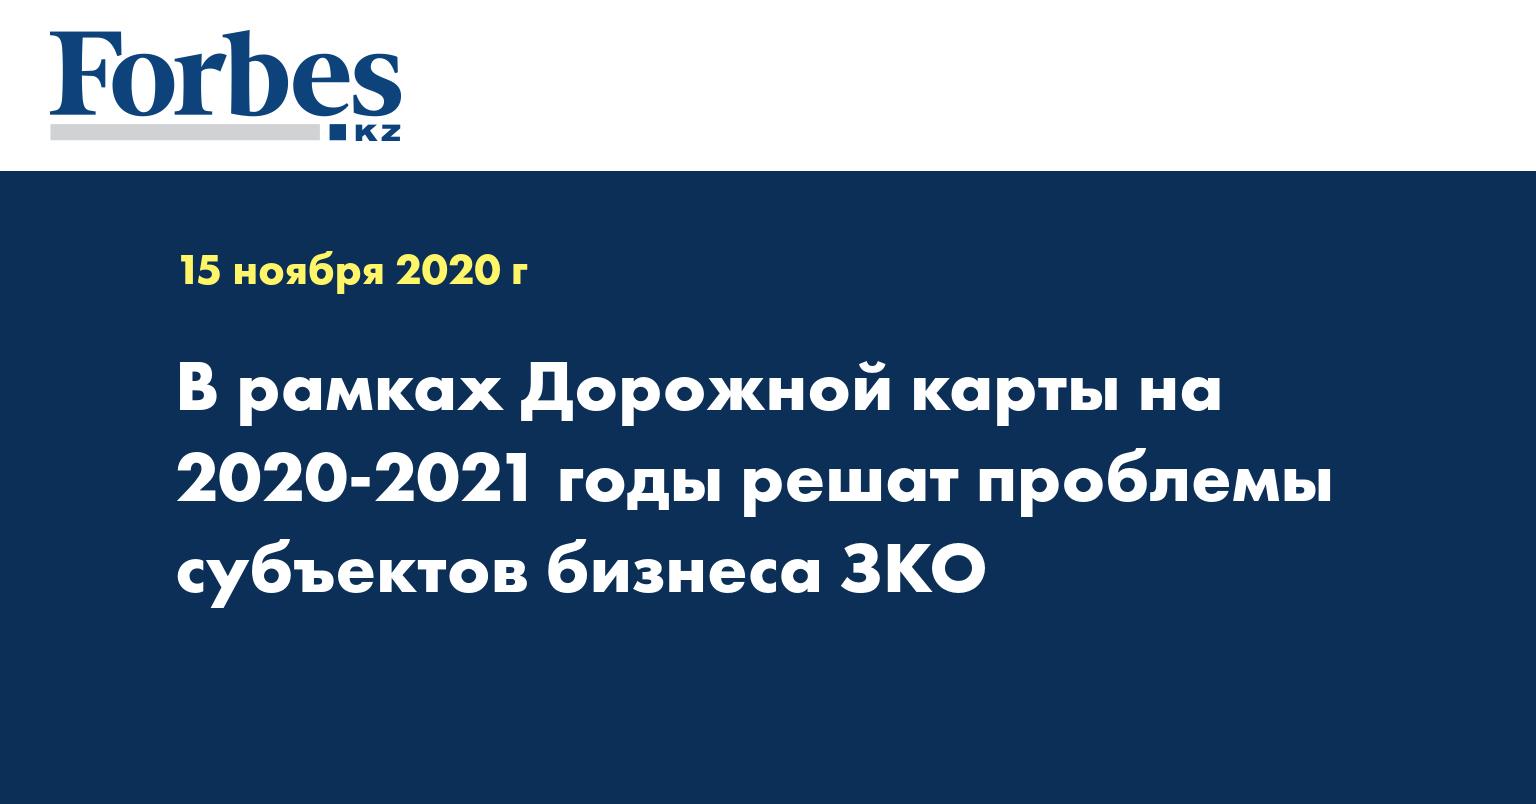 В рамках Дорожной карты на 2020-2021 годы решат проблемы субъектов бизнеса ЗКО